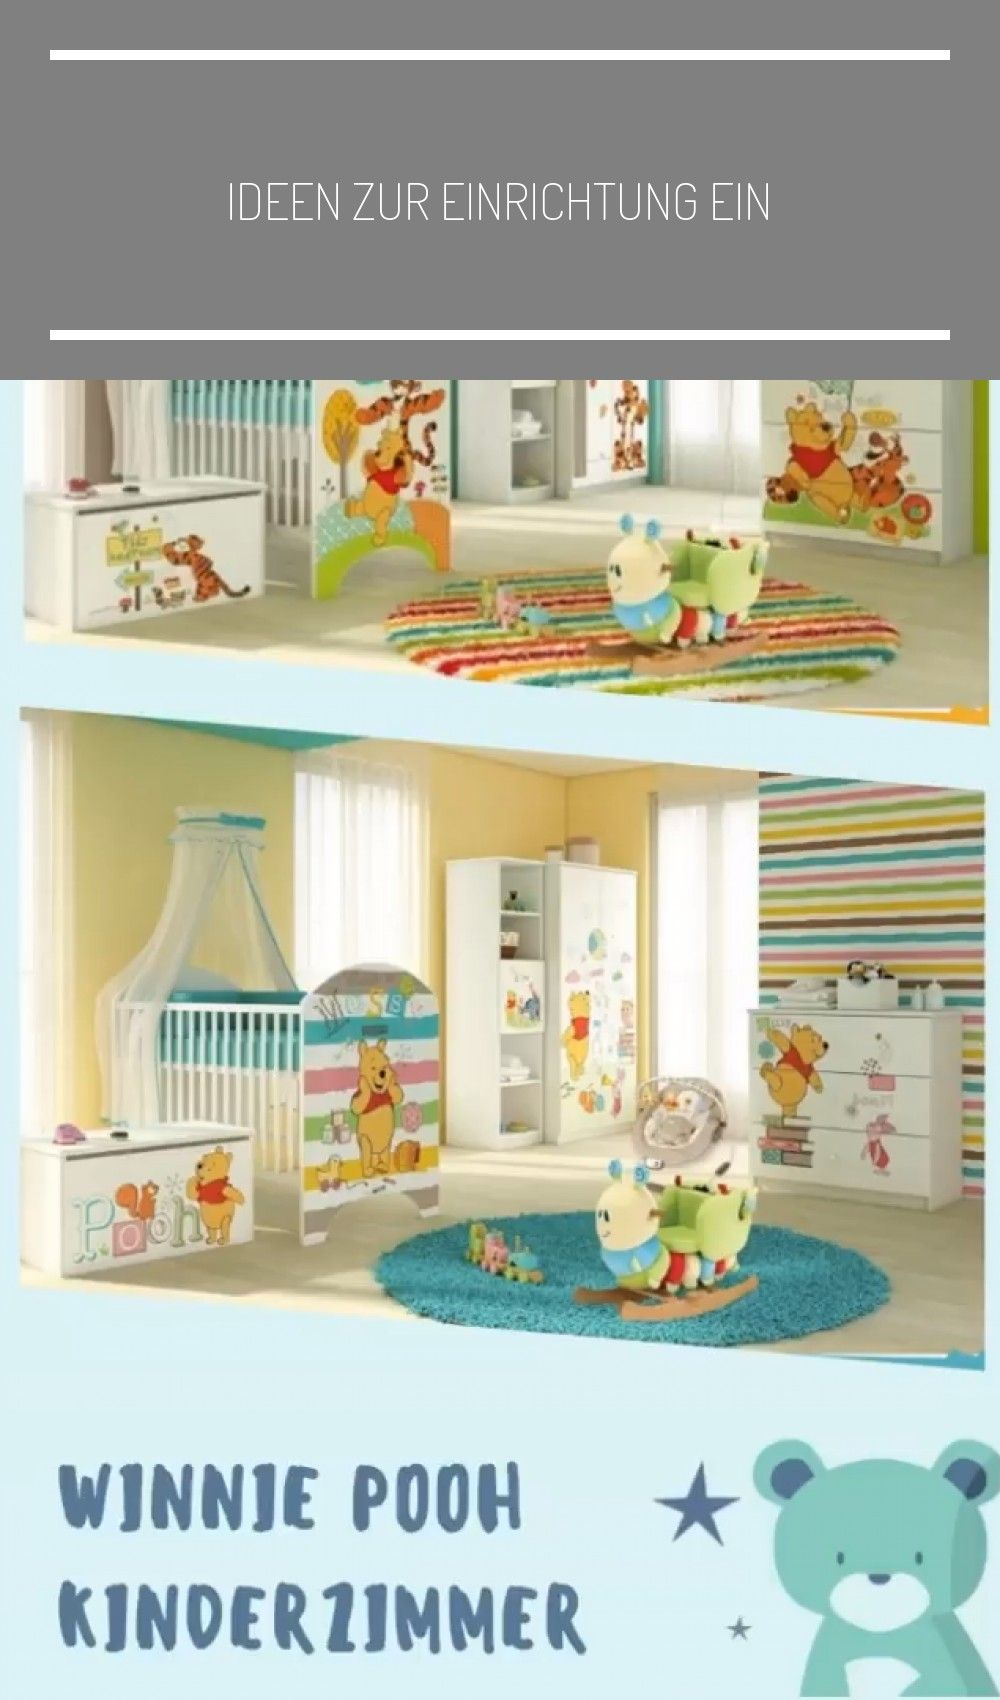 Ideen zur Einrichtung eines Winnie Pooh Kinderzimmers. Von